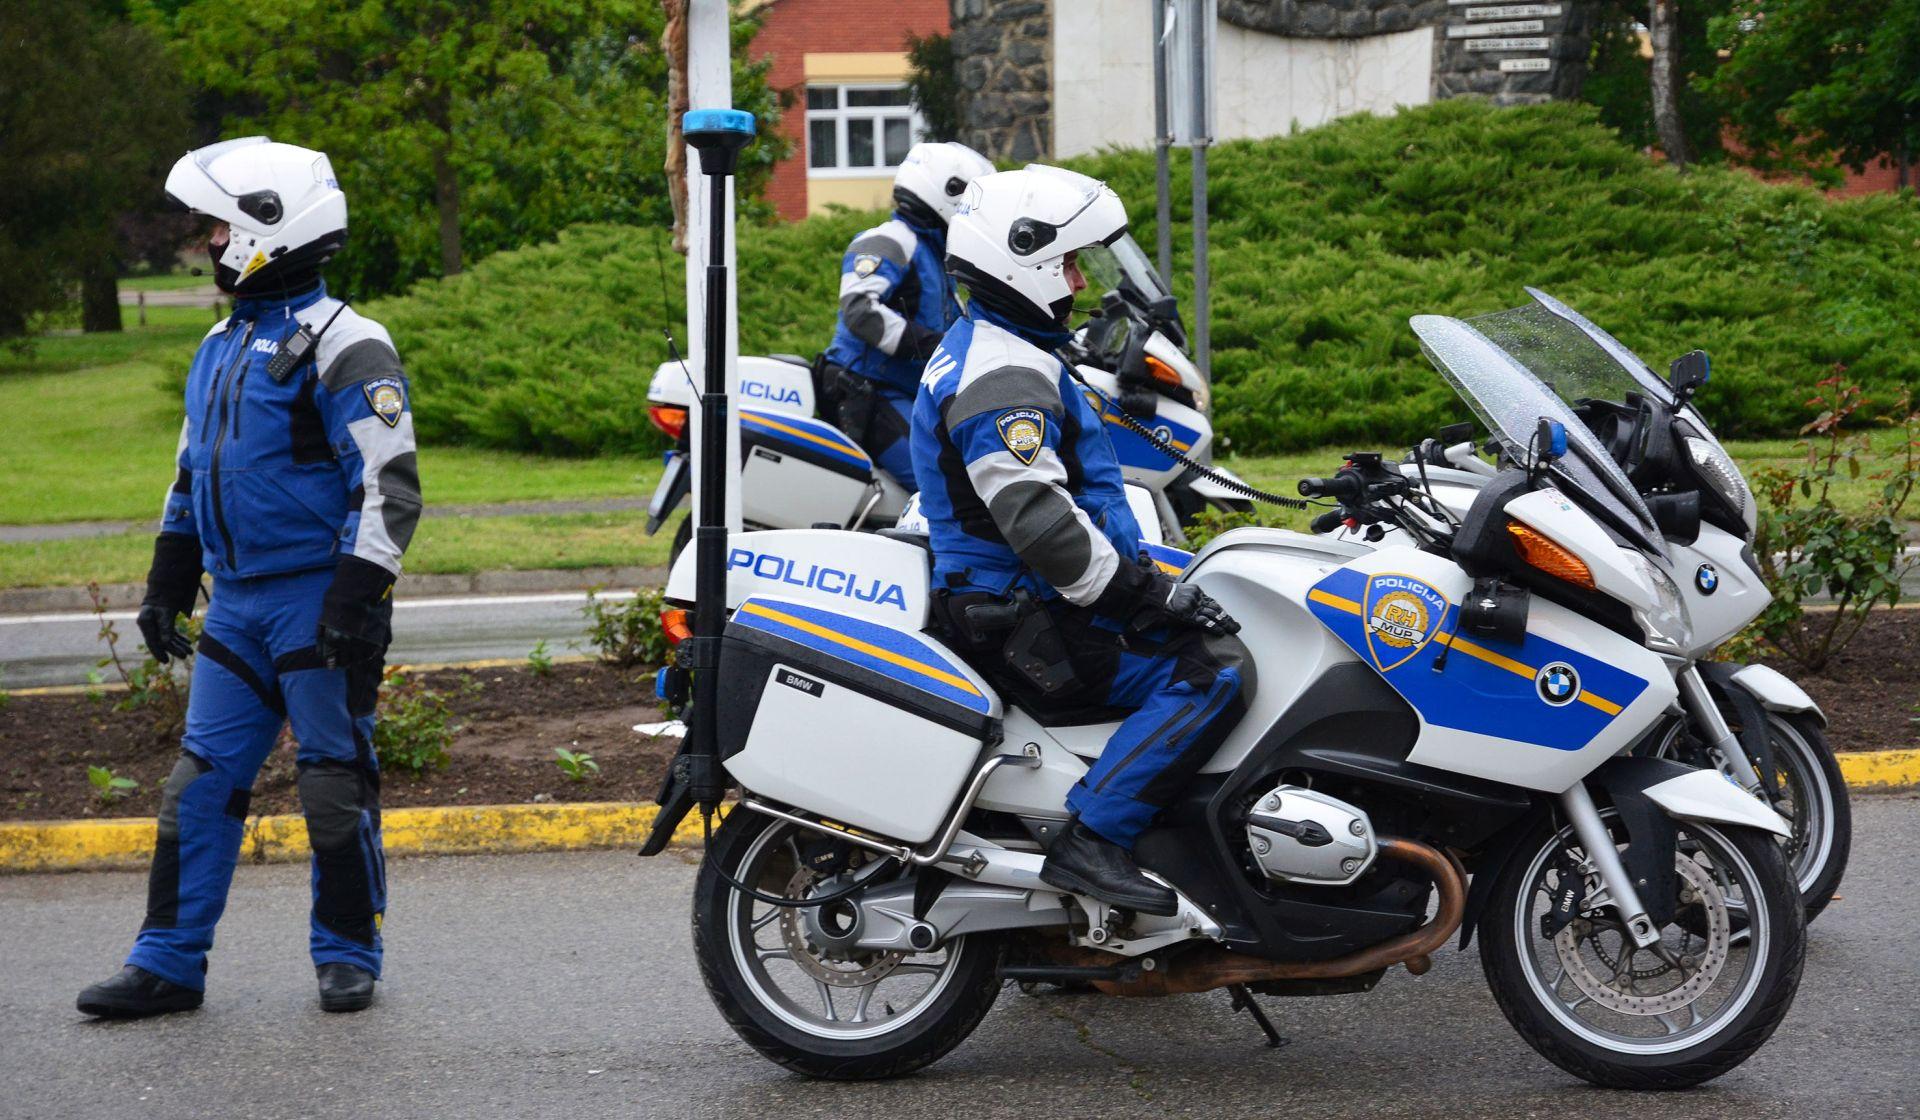 SINDIKAT NAJAVLJUJE TUŽBE: Unatoč sporazumu policajcima plaće nisu porasle šest posto